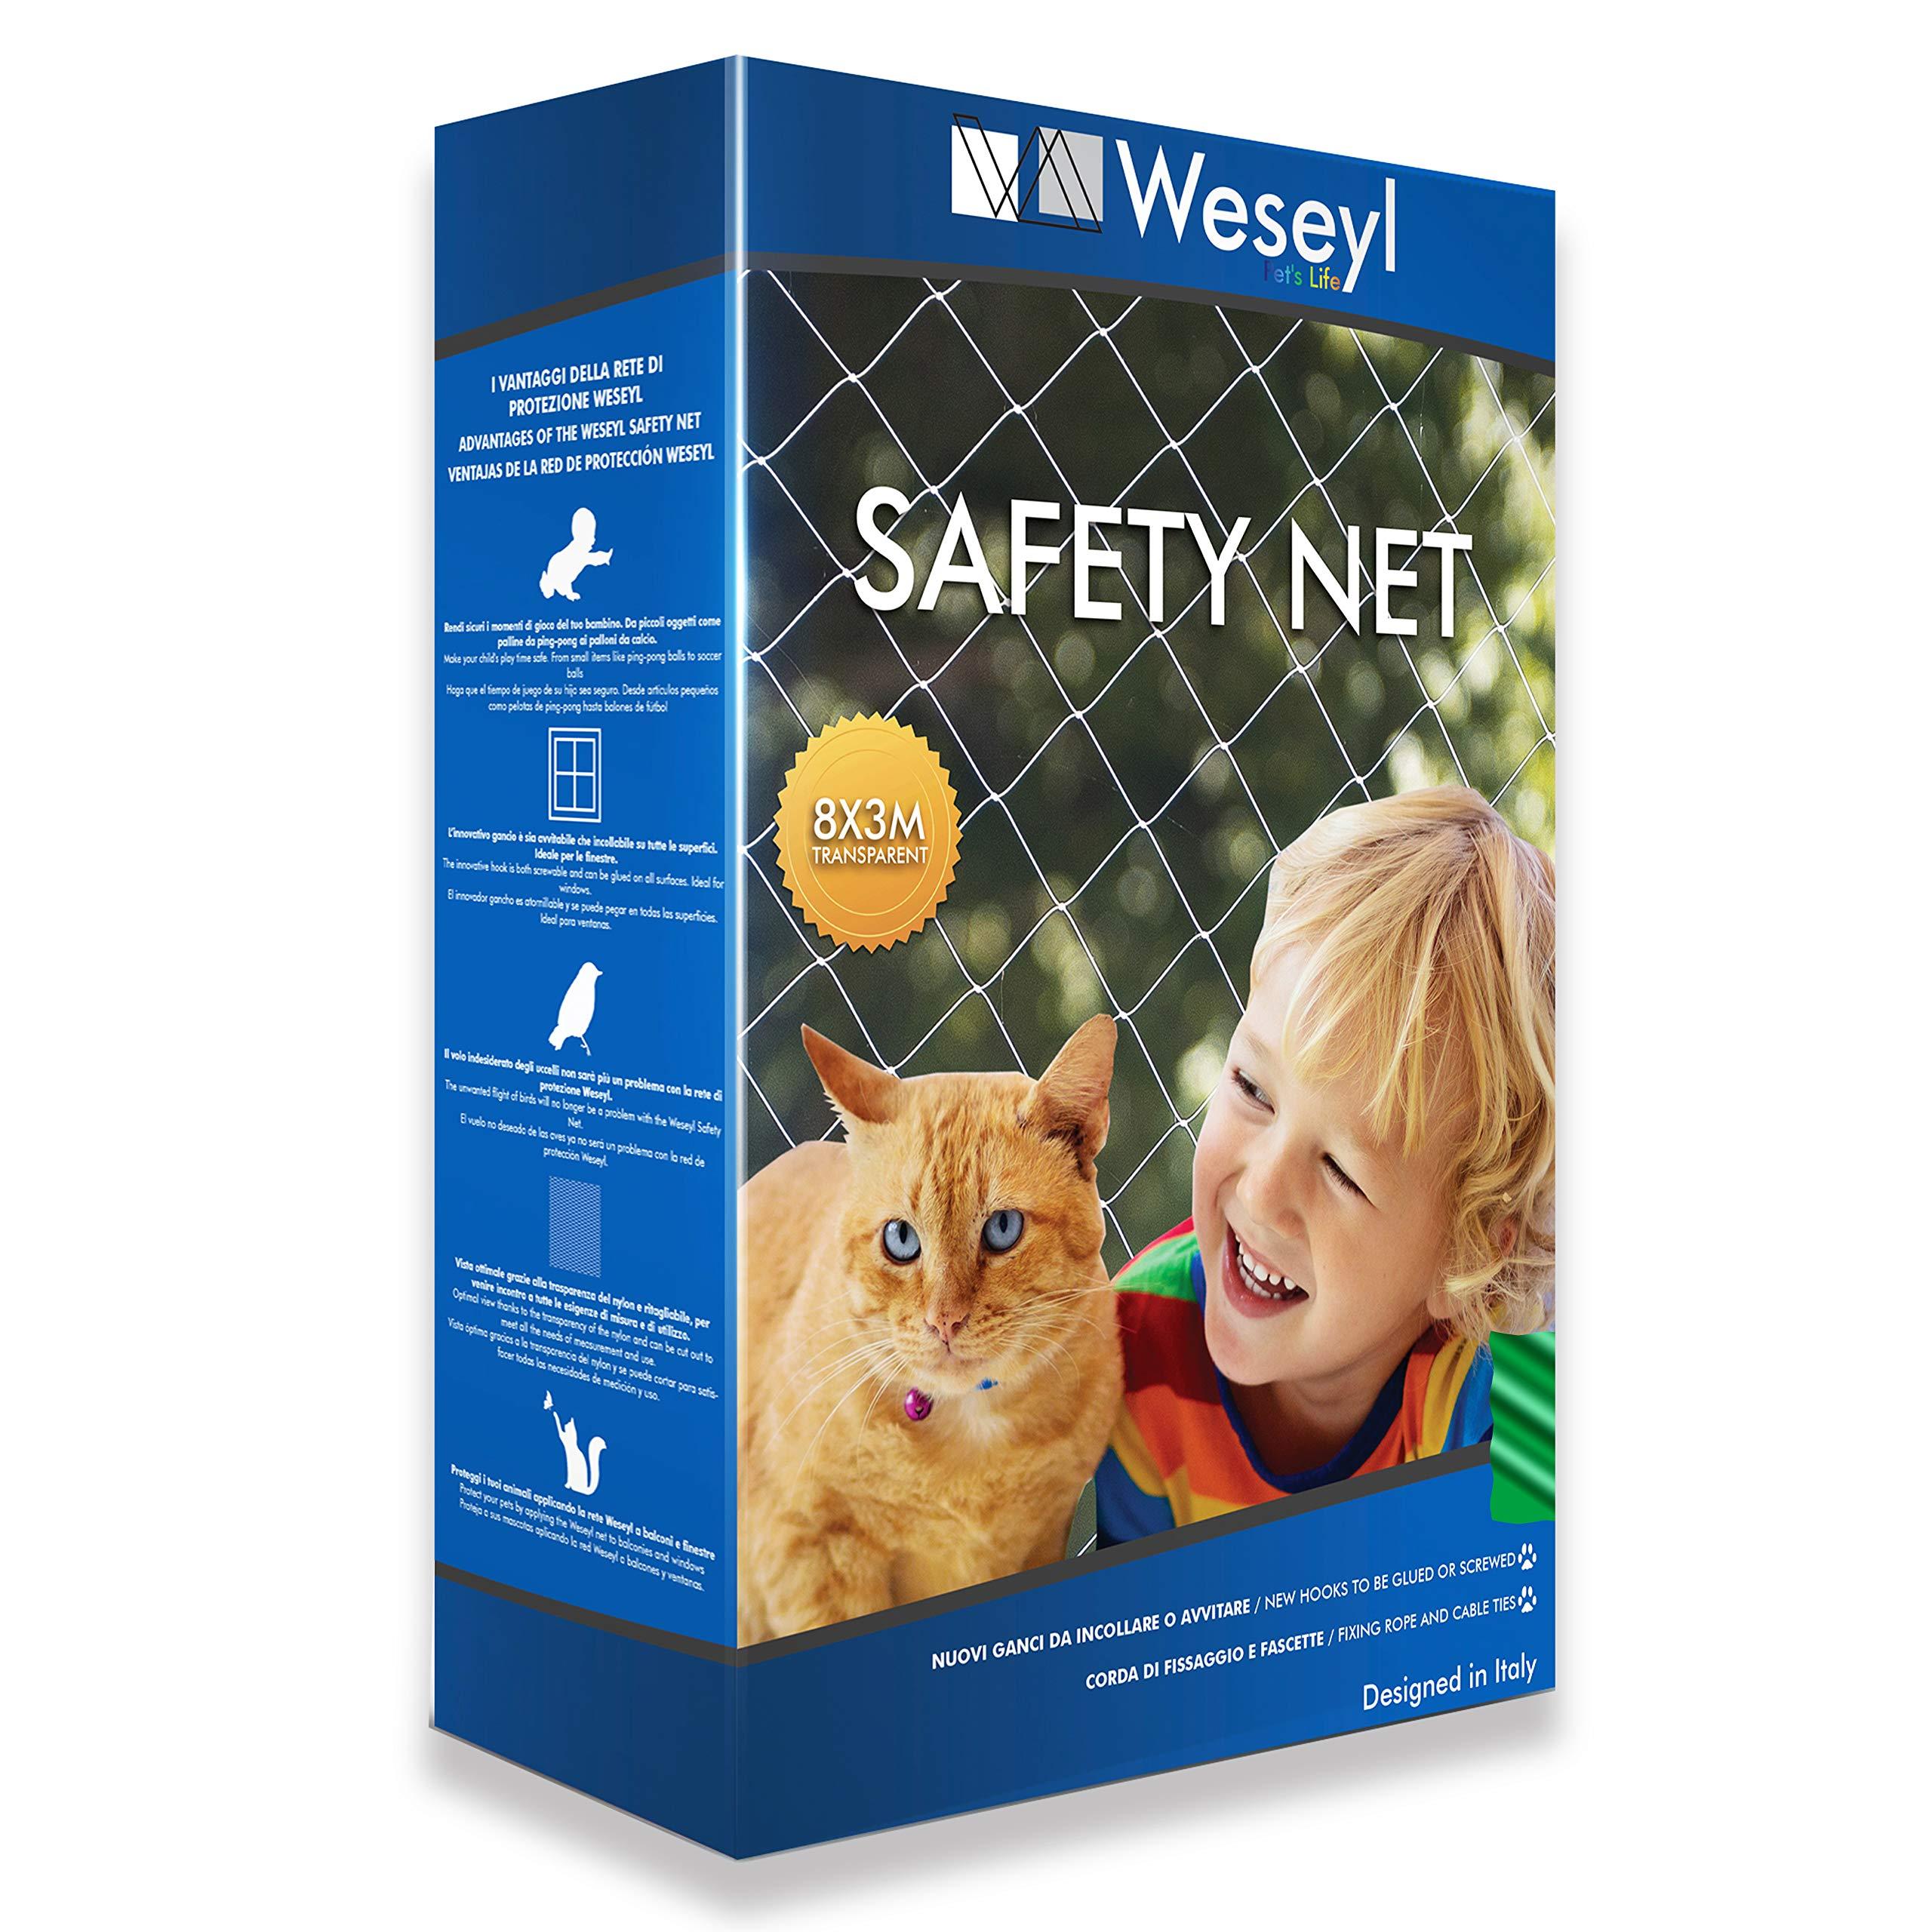 Weseyl Red de protección ultrarresistente Tamaño 3x8m para animales domésticos pequeños como gatos y perros, ideal para ventanas, balcones barandilla de nylon transparente equipada con kit de montaje: Amazon.es: Productos para mascotas